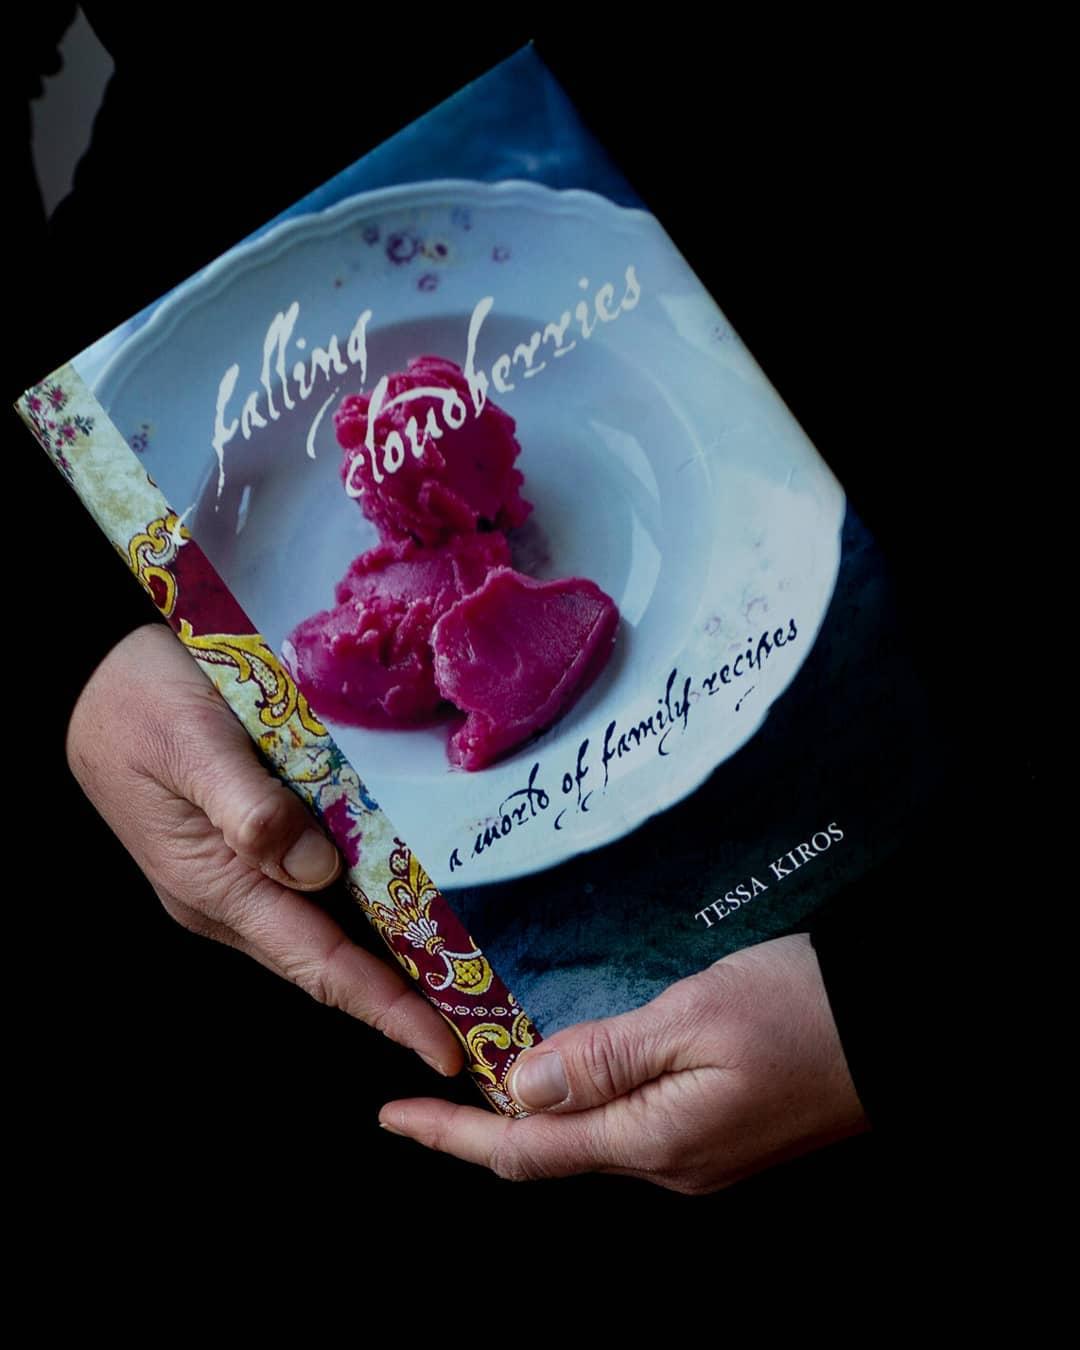 pegando seu livro de receitas favorito da prateleira